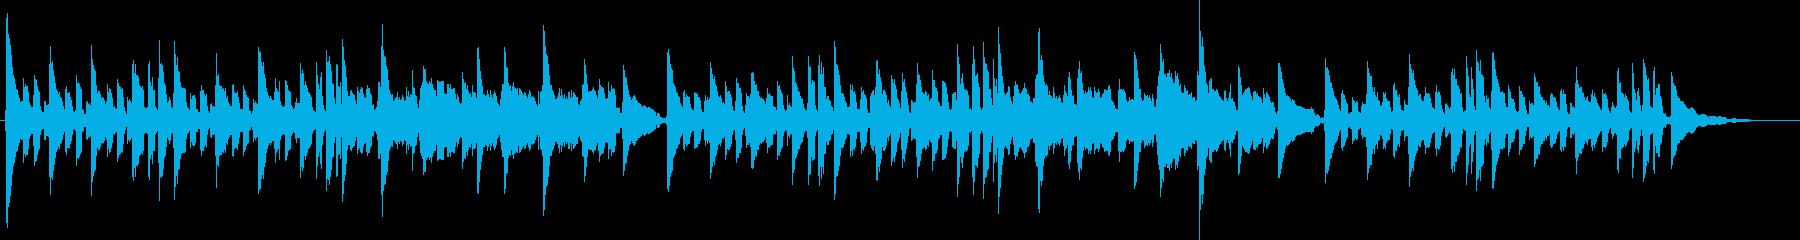 JAZZYなコードワークのアコギ独奏の再生済みの波形